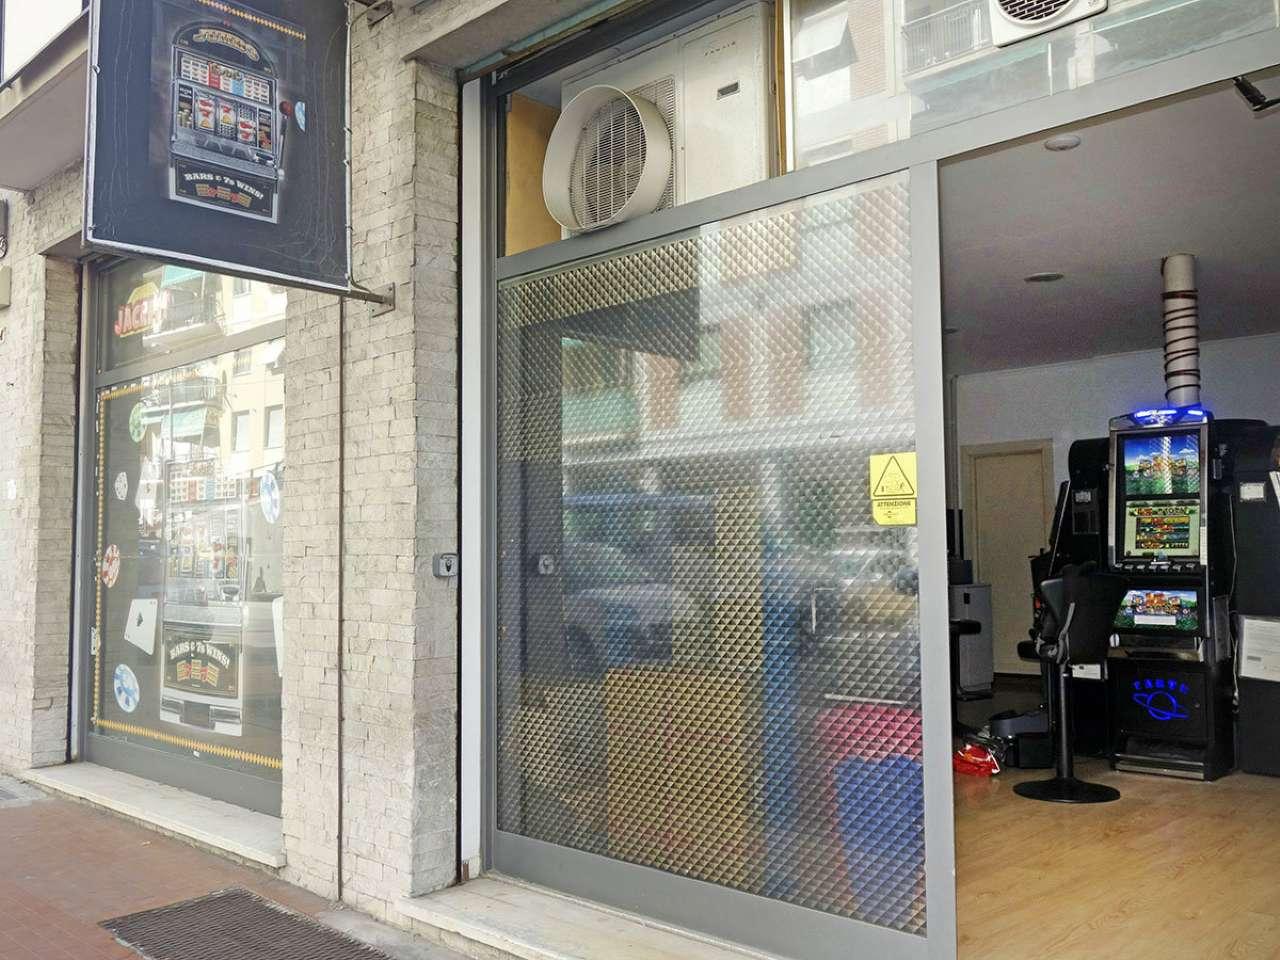 Negozio / Locale in vendita a Genova, 2 locali, prezzo € 90.000 | CambioCasa.it